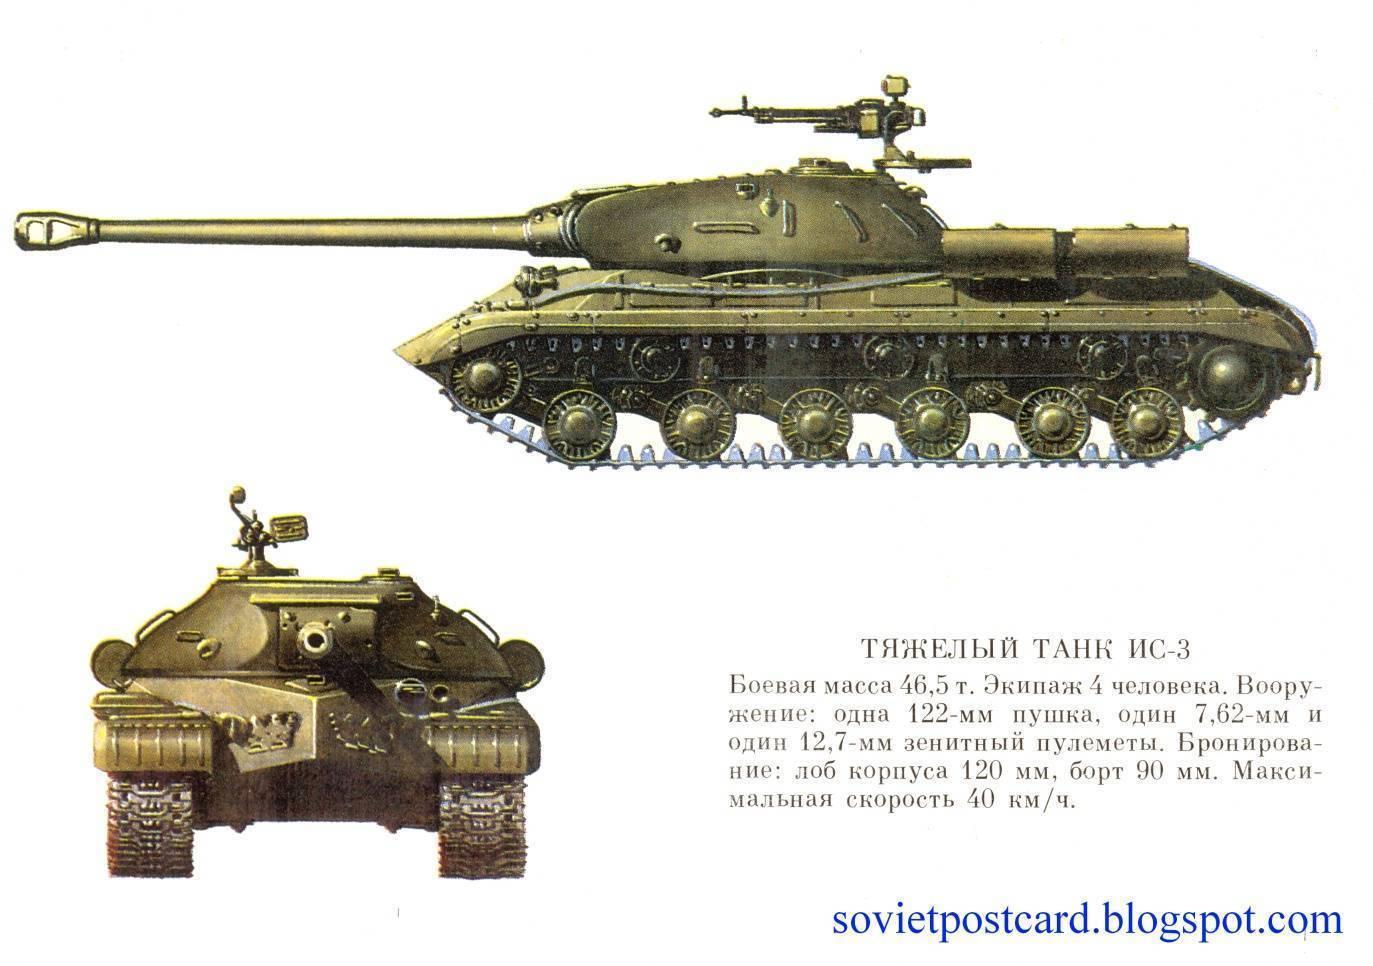 Ис - обзор, гайд, ттх, секреты тяжелого танка ис из игры ворлд оф танкс на сайте wiki.wargaming.net.